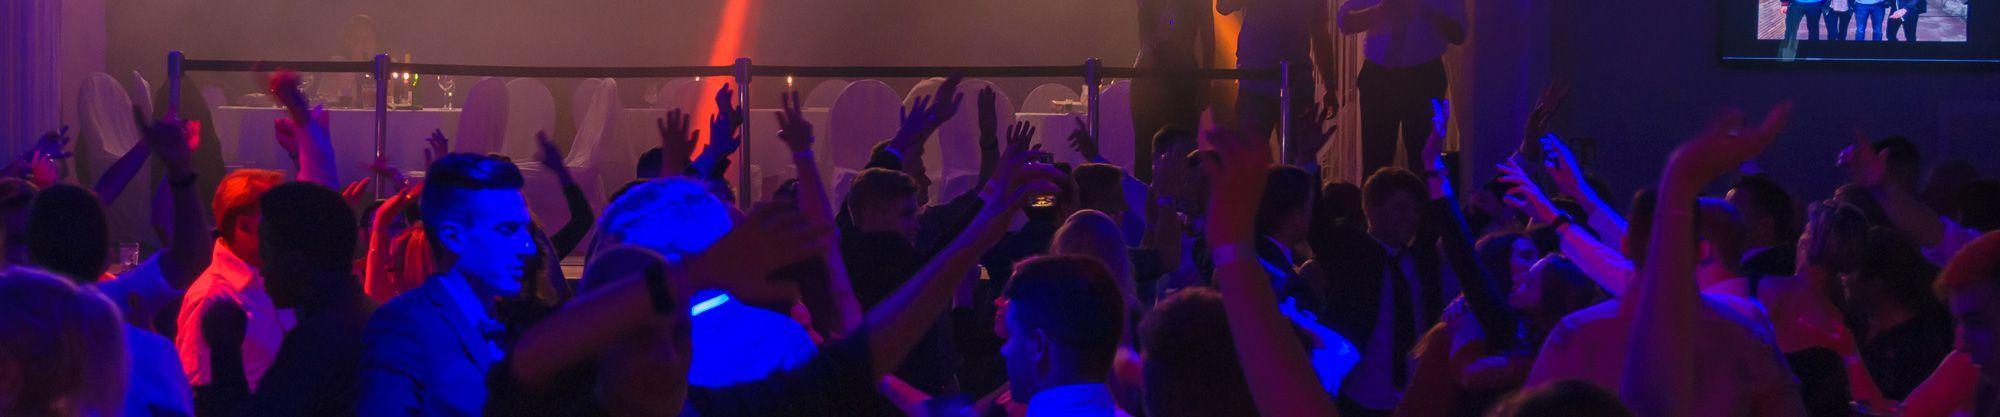 Event DJ Christian Libor beim Abiball im Eventcenter Königs Wusterhausen